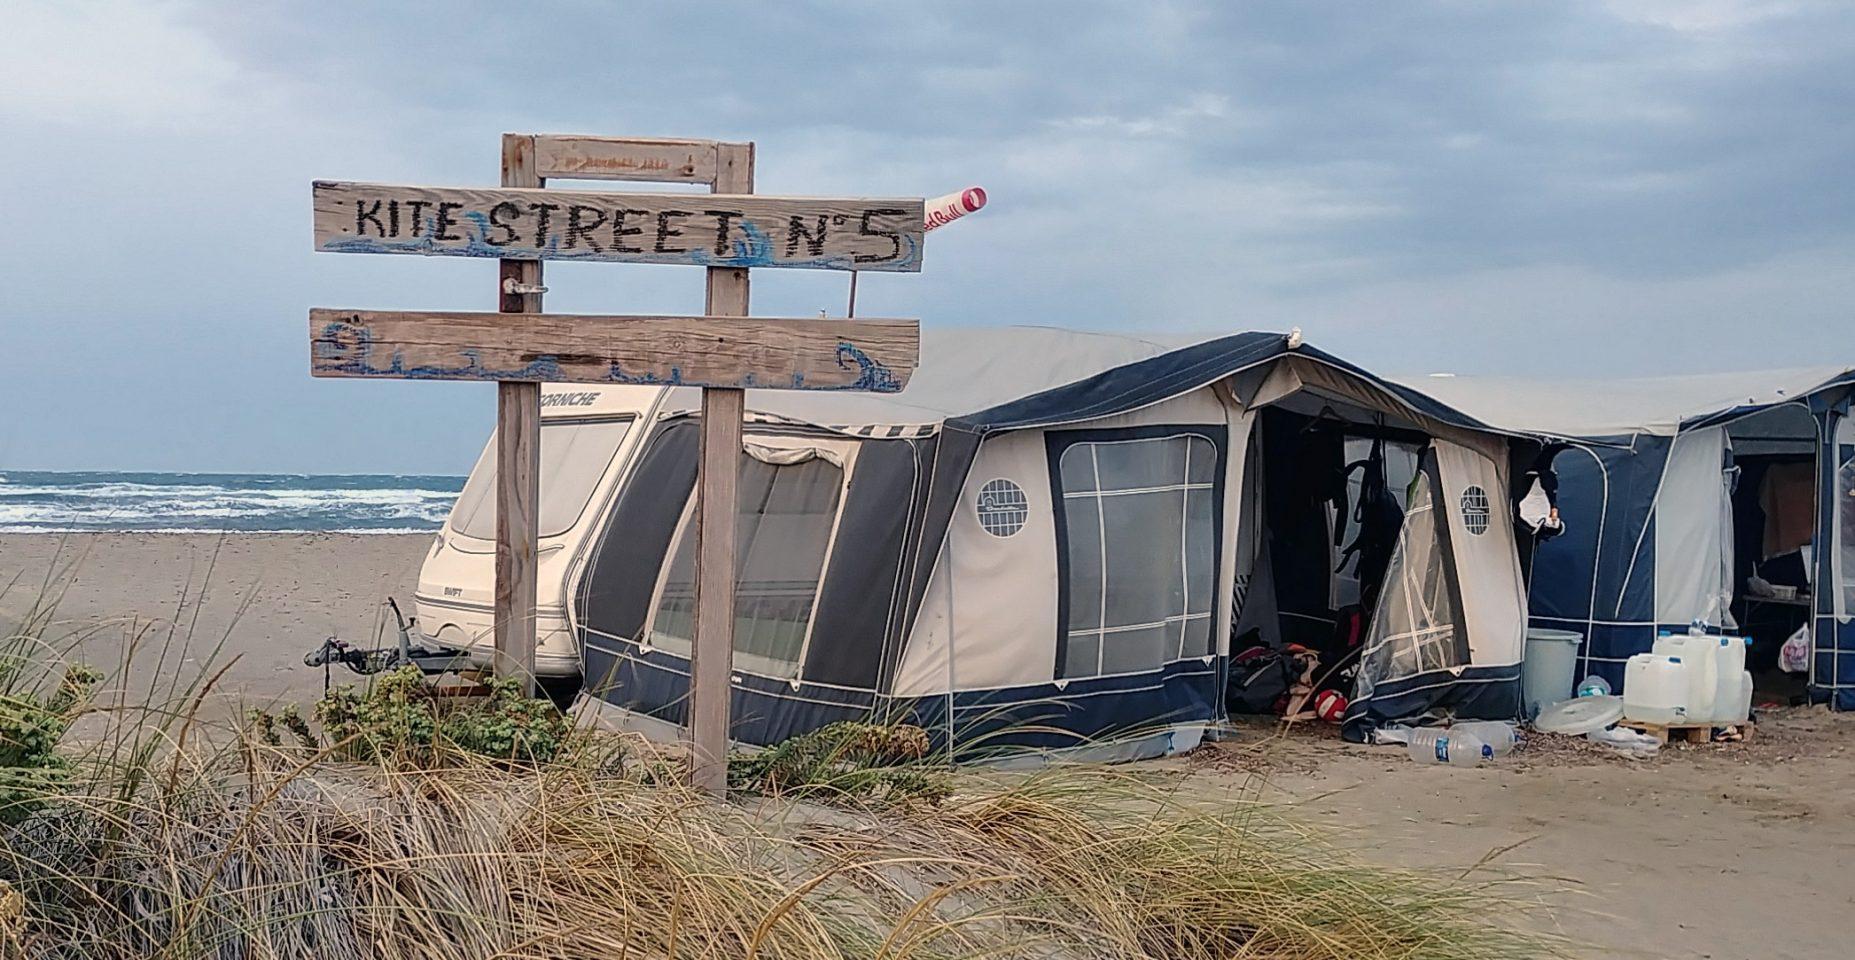 gökçeada'da kiteboard ve karavan